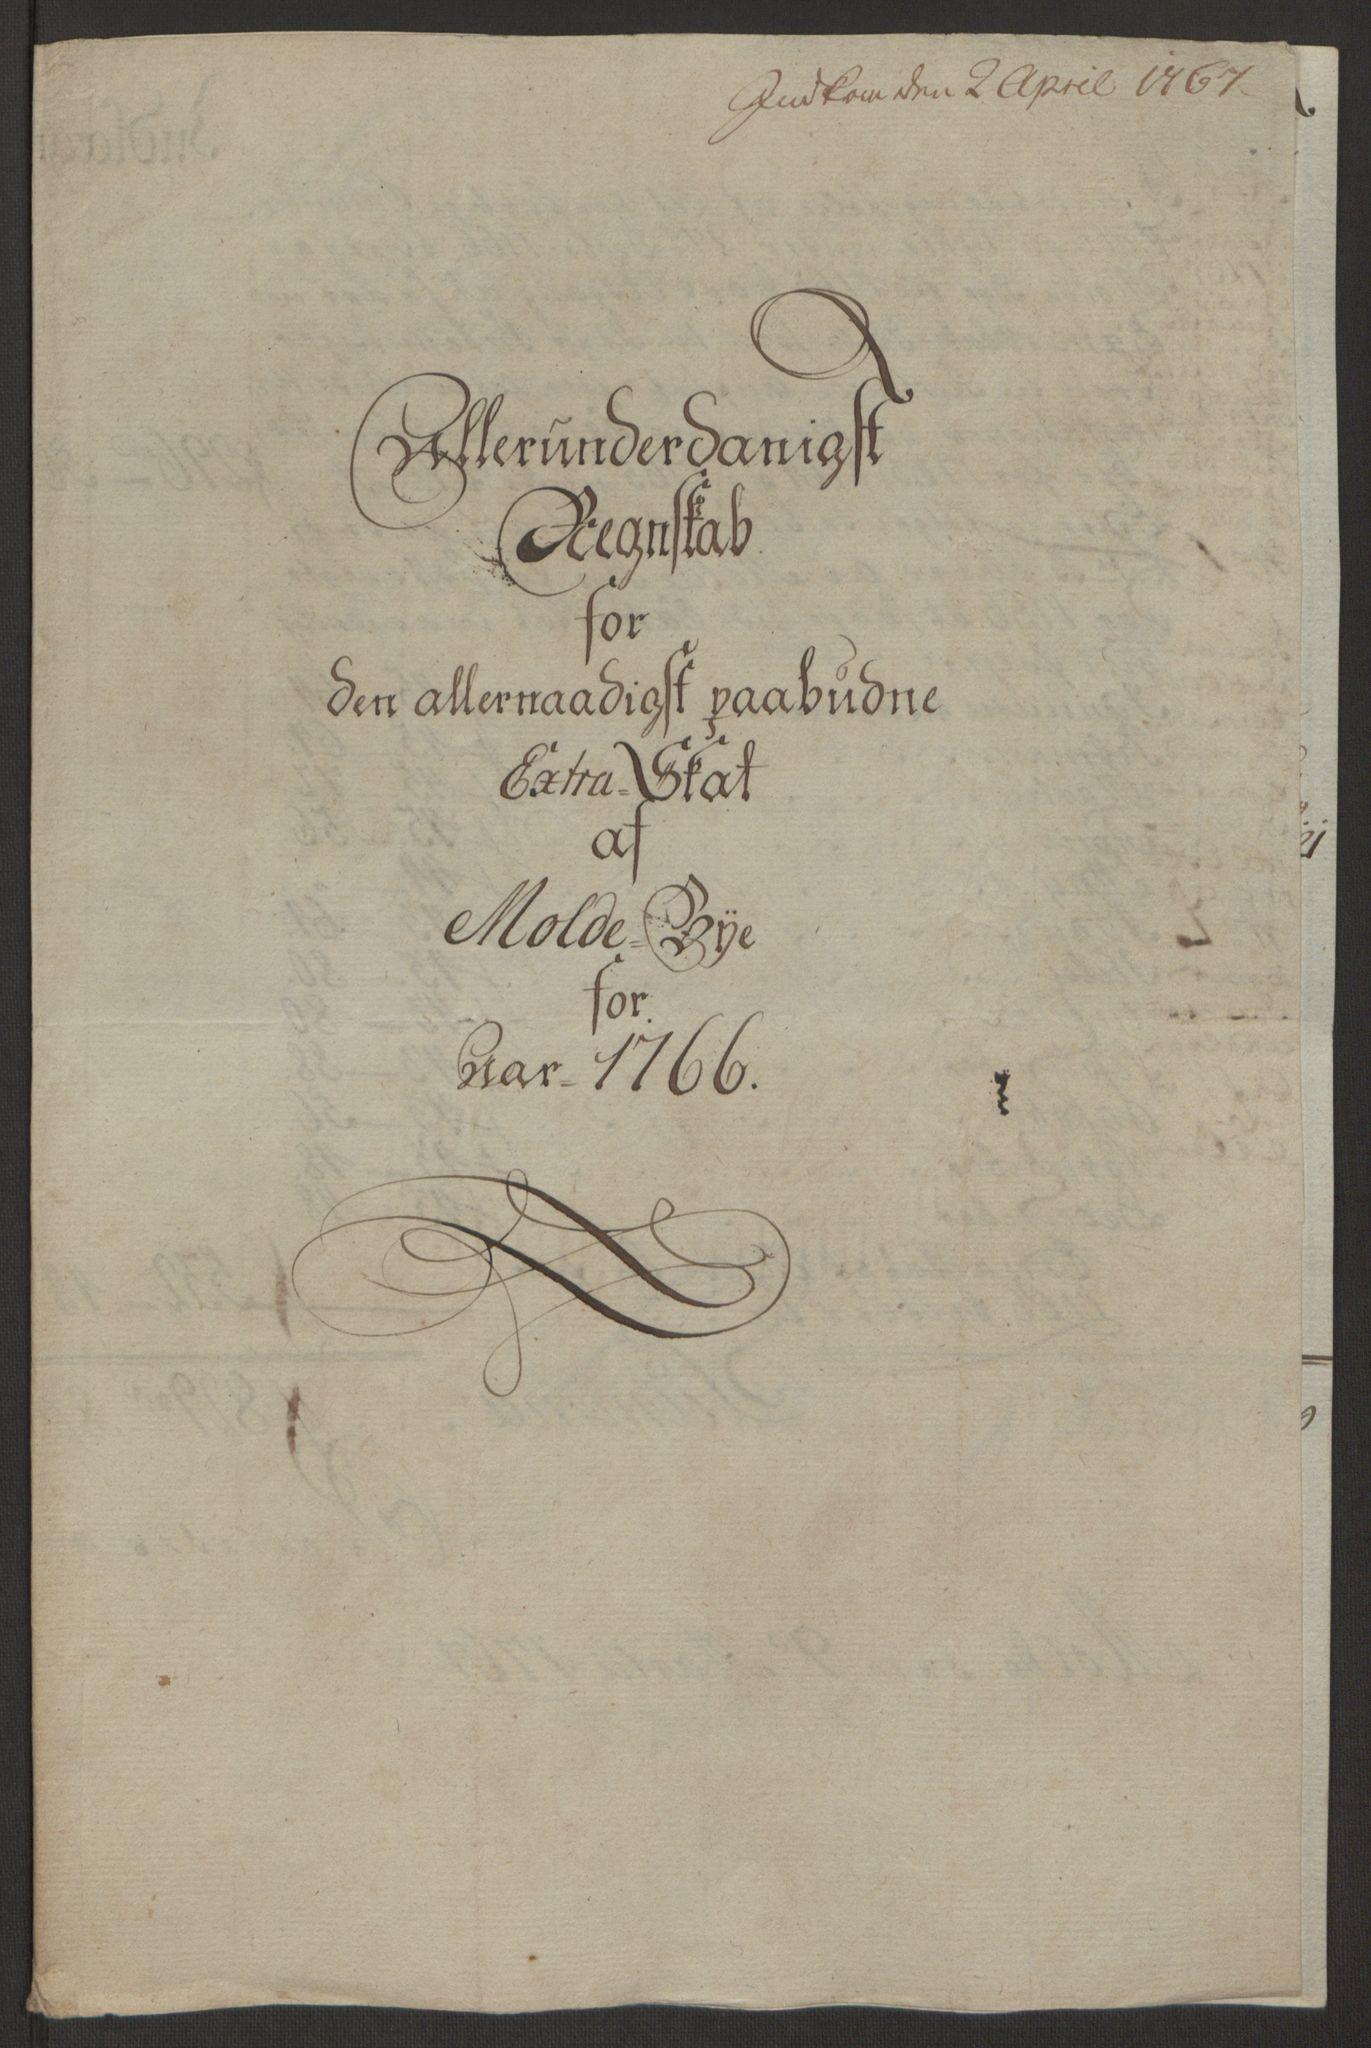 RA, Rentekammeret inntil 1814, Reviderte regnskaper, Byregnskaper, R/Rq/L0487: [Q1] Kontribusjonsregnskap, 1762-1772, s. 125